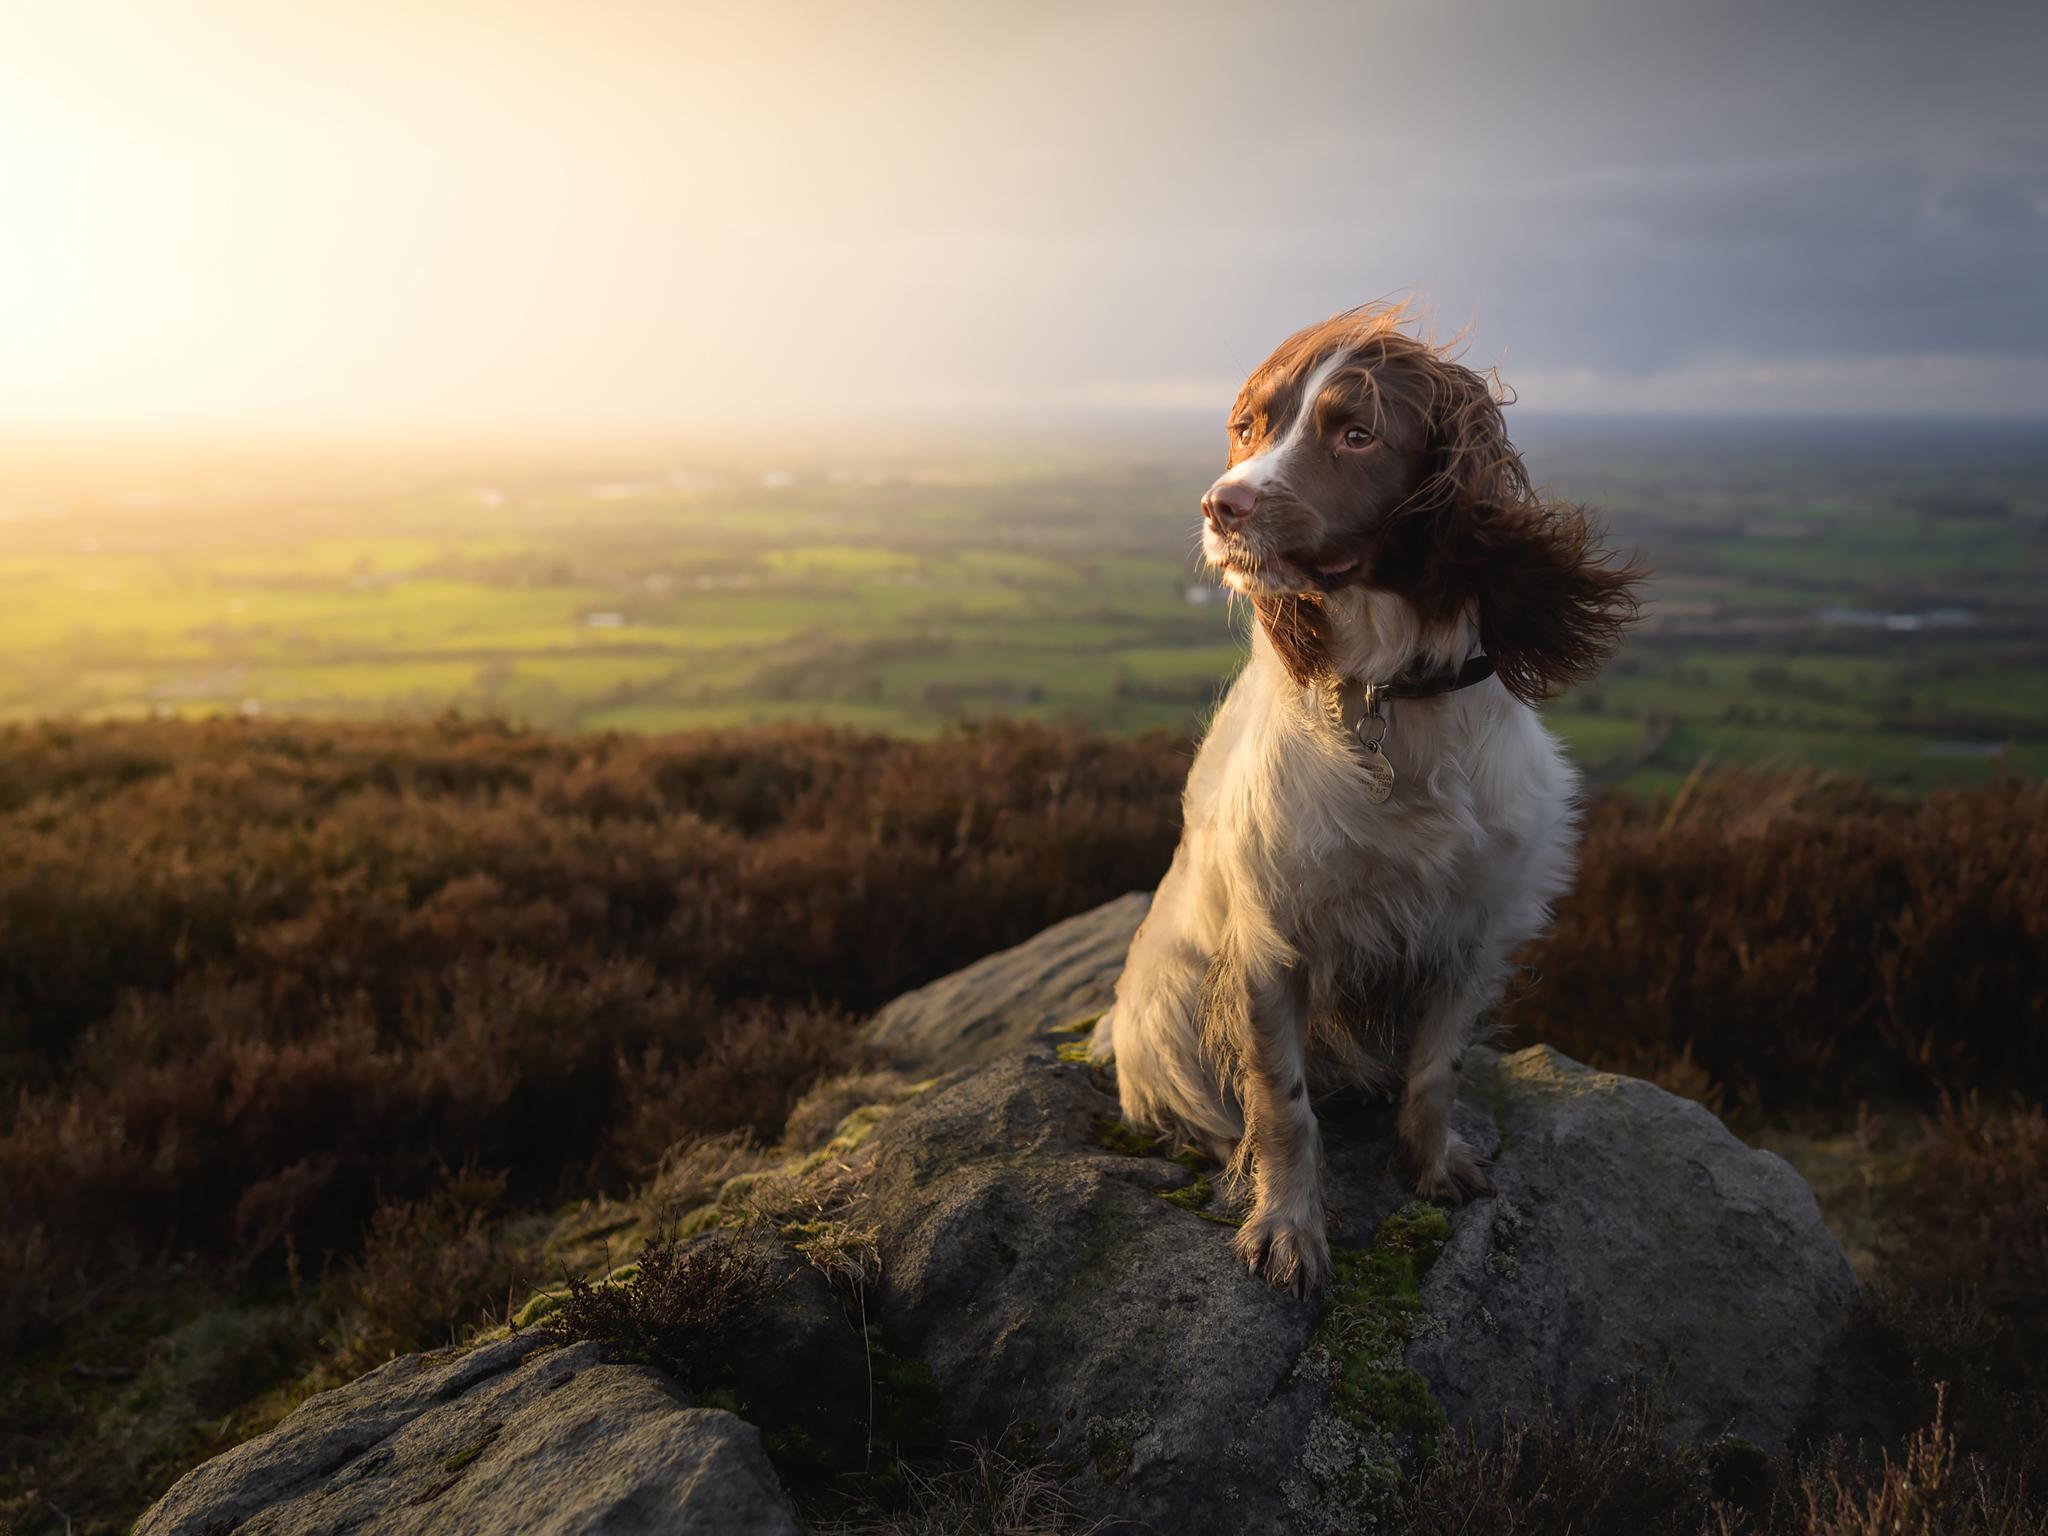 Využijte měkké a teplé světlo zapadajícího slunce | Foto Nigel Danson